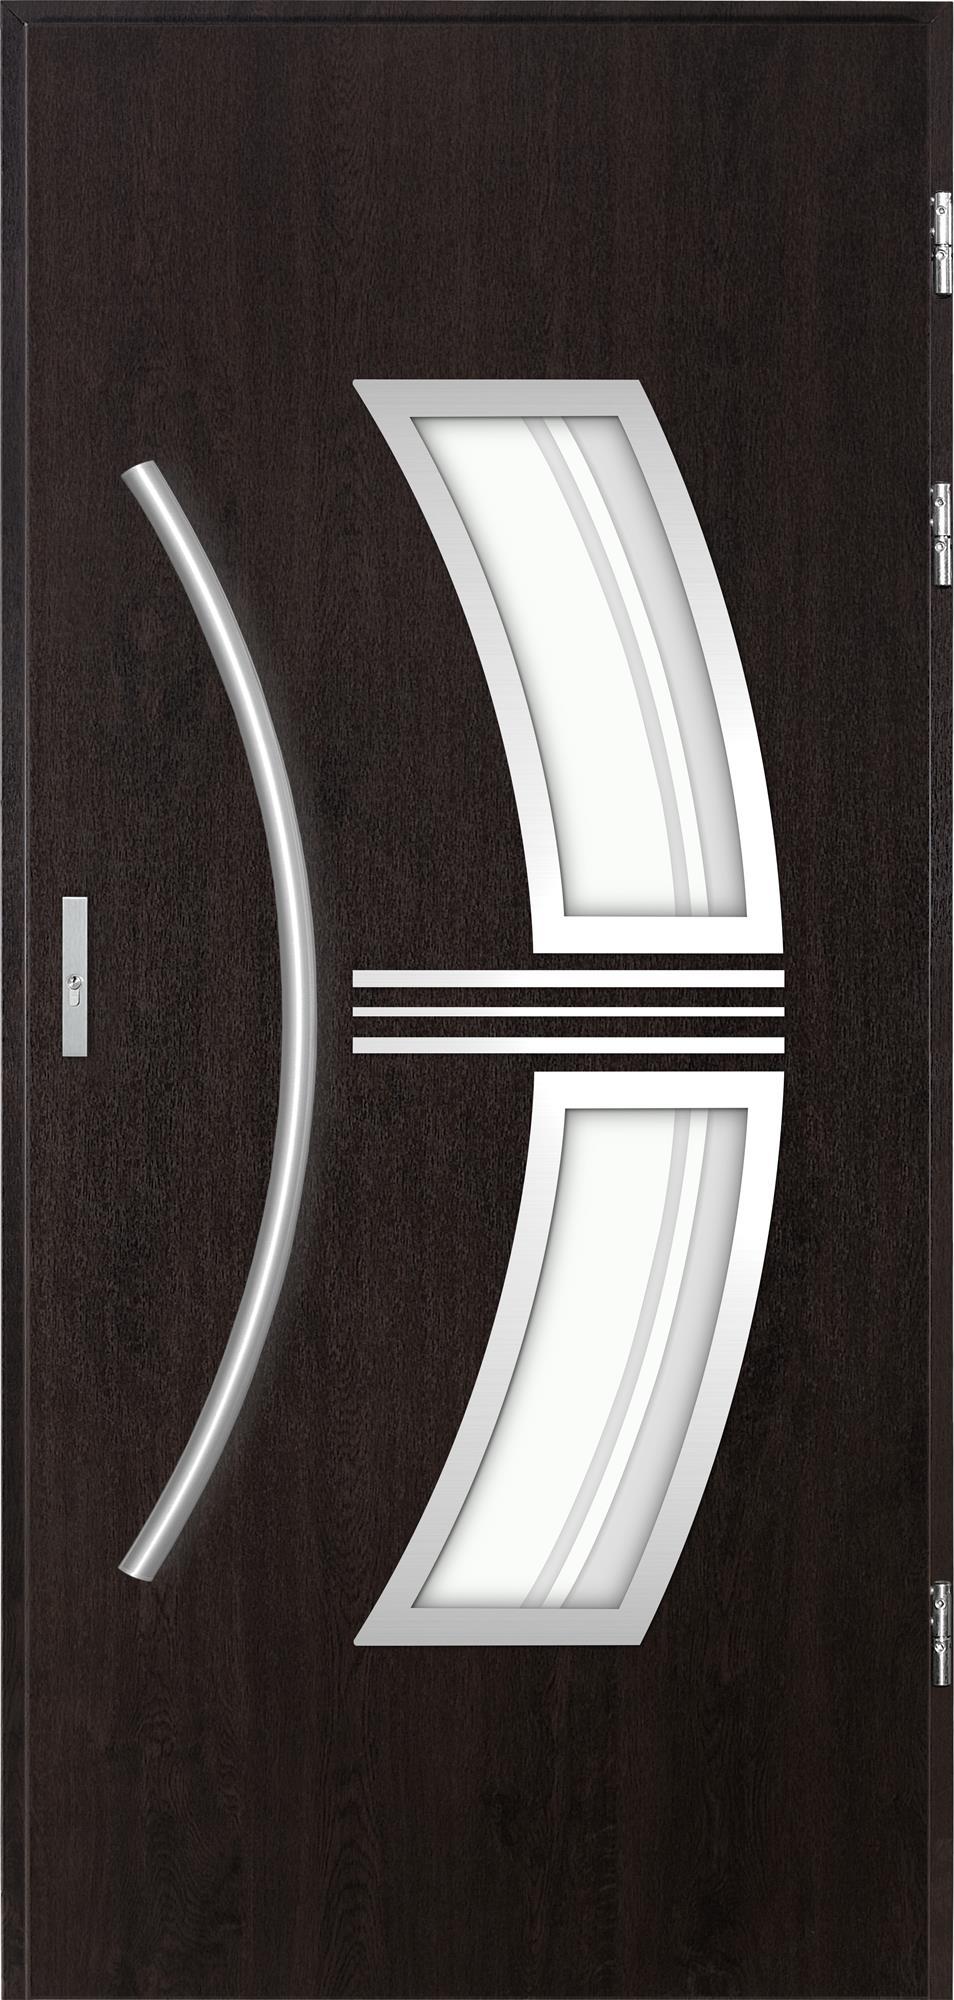 Venkovní dvoukøídlé vchodové dveøe Stella v odstínu wenge